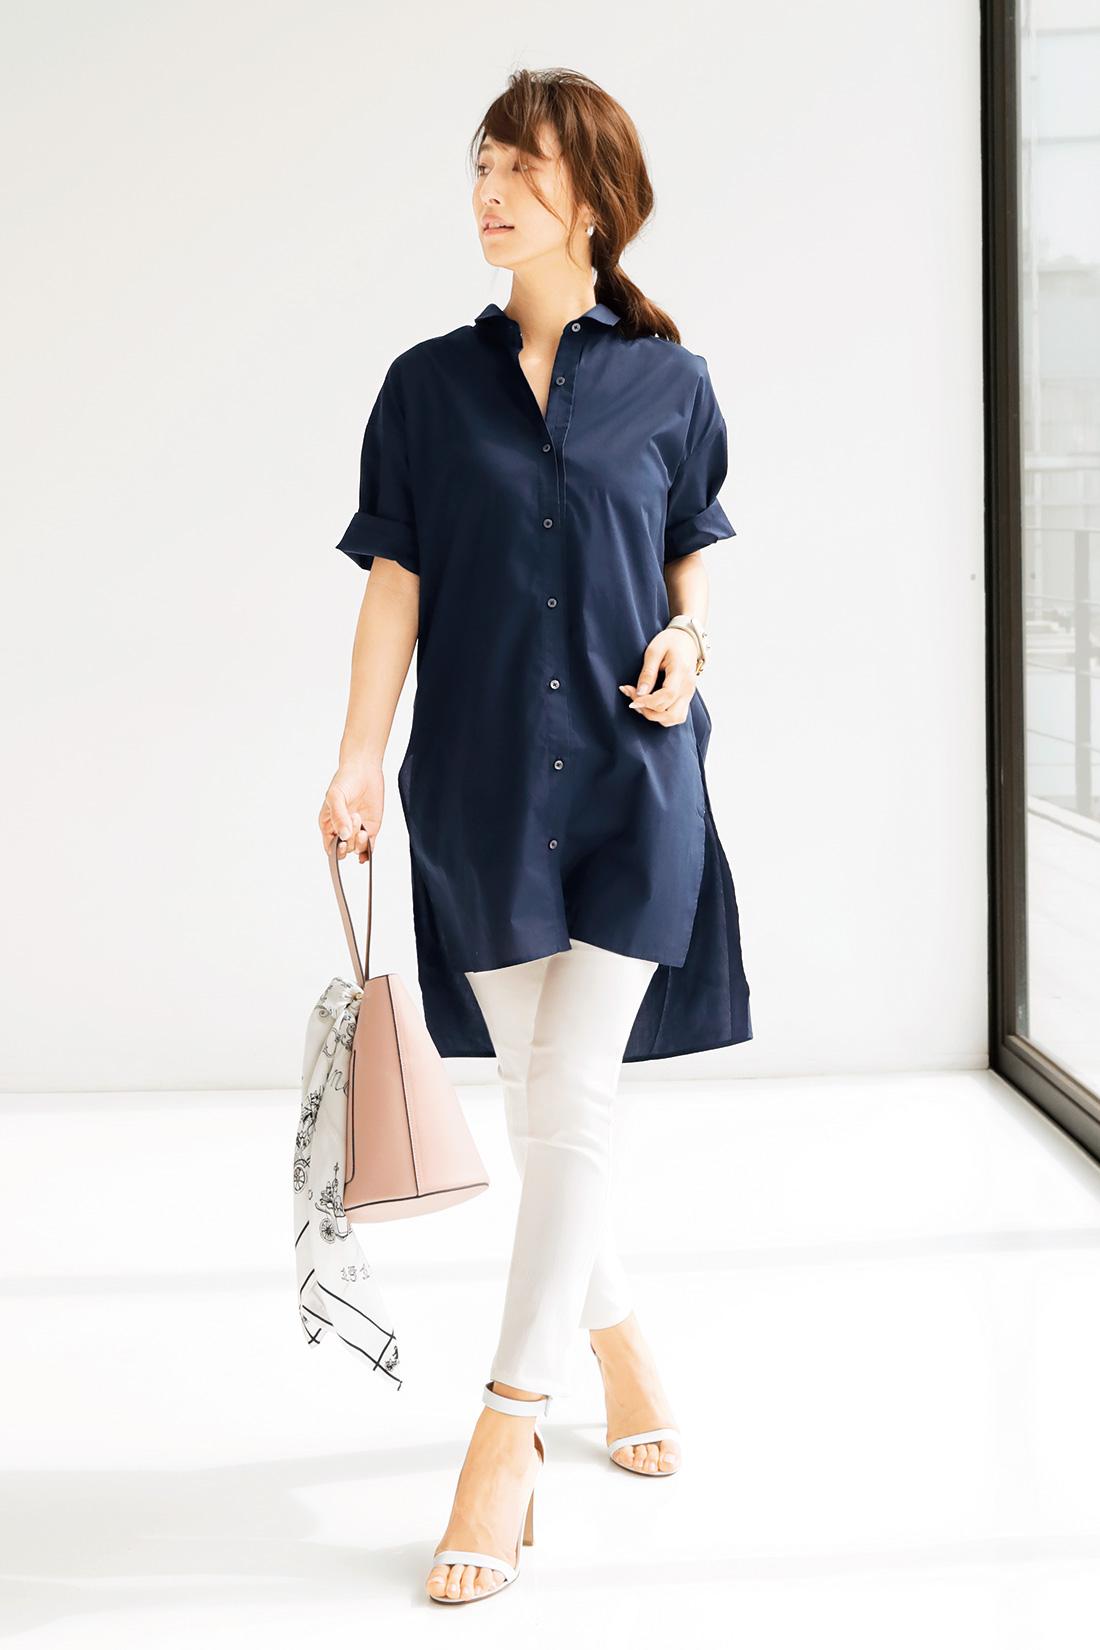 ただ着るだけで絵になるロングシャツ×レギンスパンツの最強コーデ。細く長いシルエットも、絶妙な抜け感で涼しくさわやかな印象。